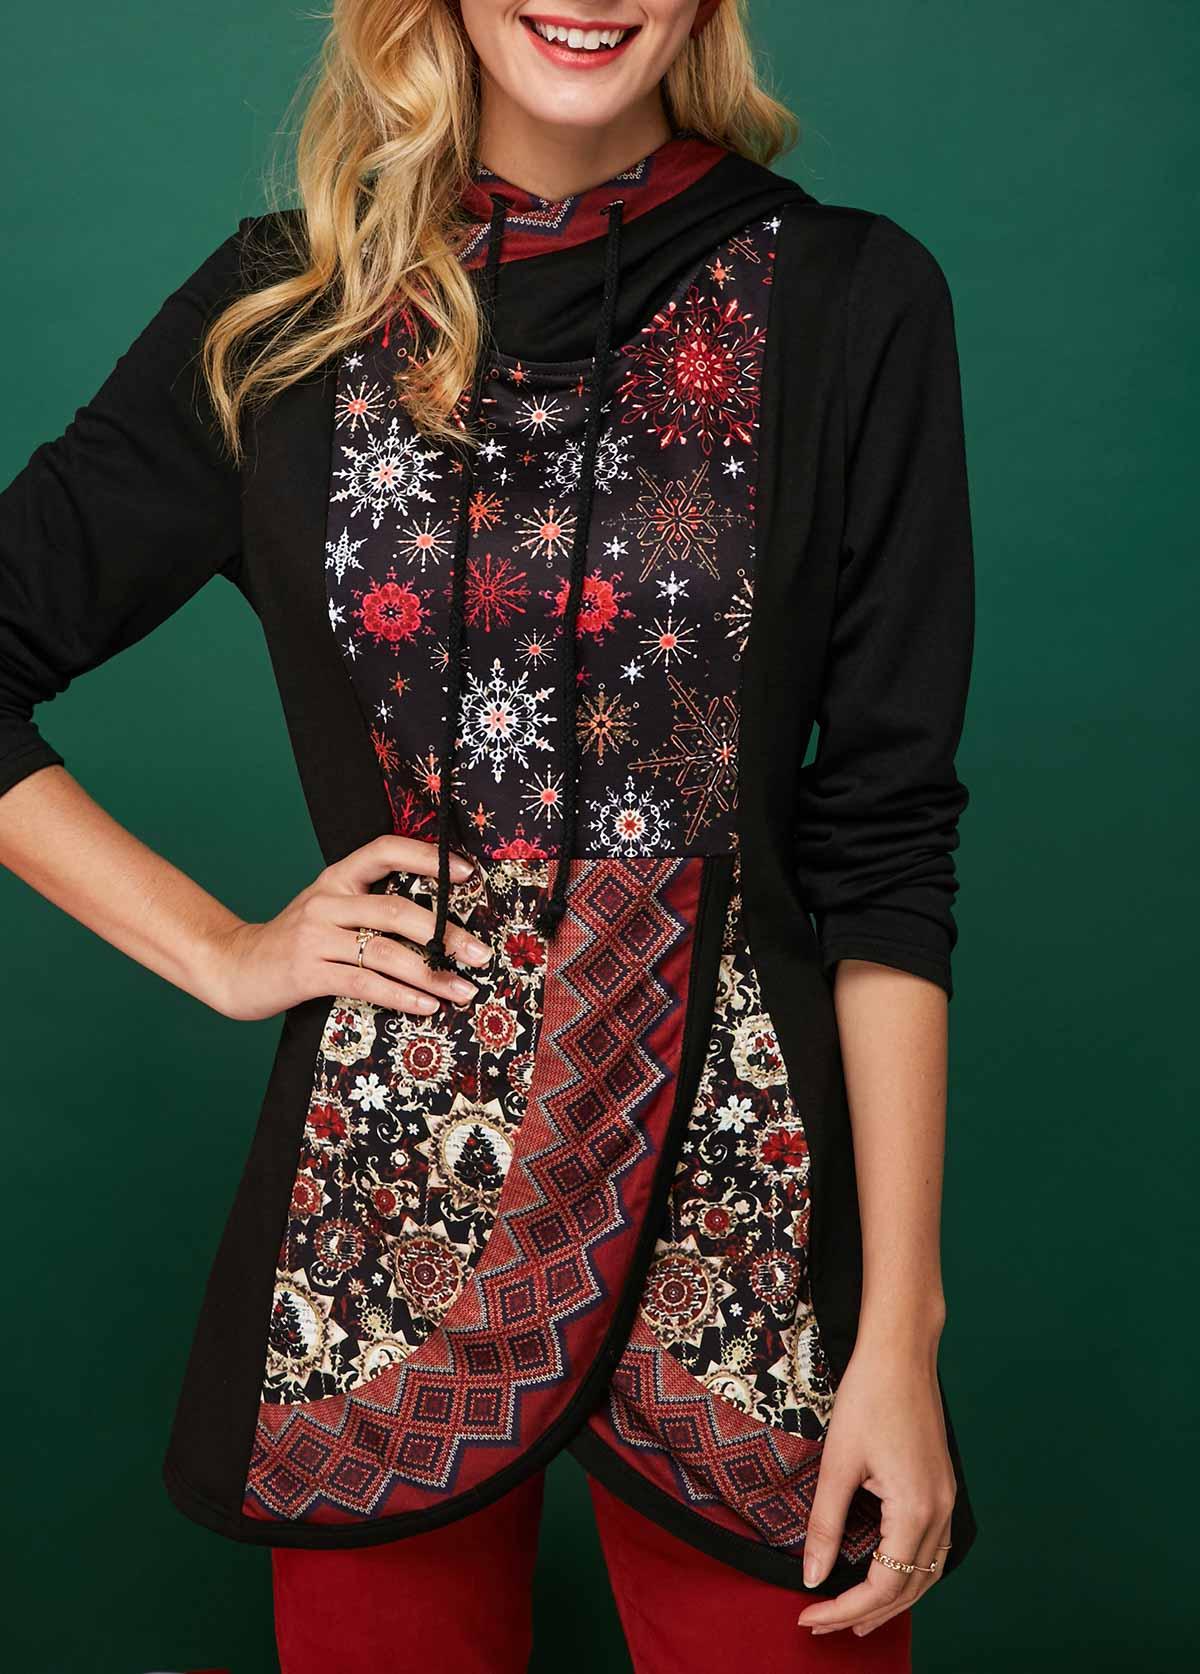 Snowflake Print Tulip Hem Long Sleeve Christmas Hoodie